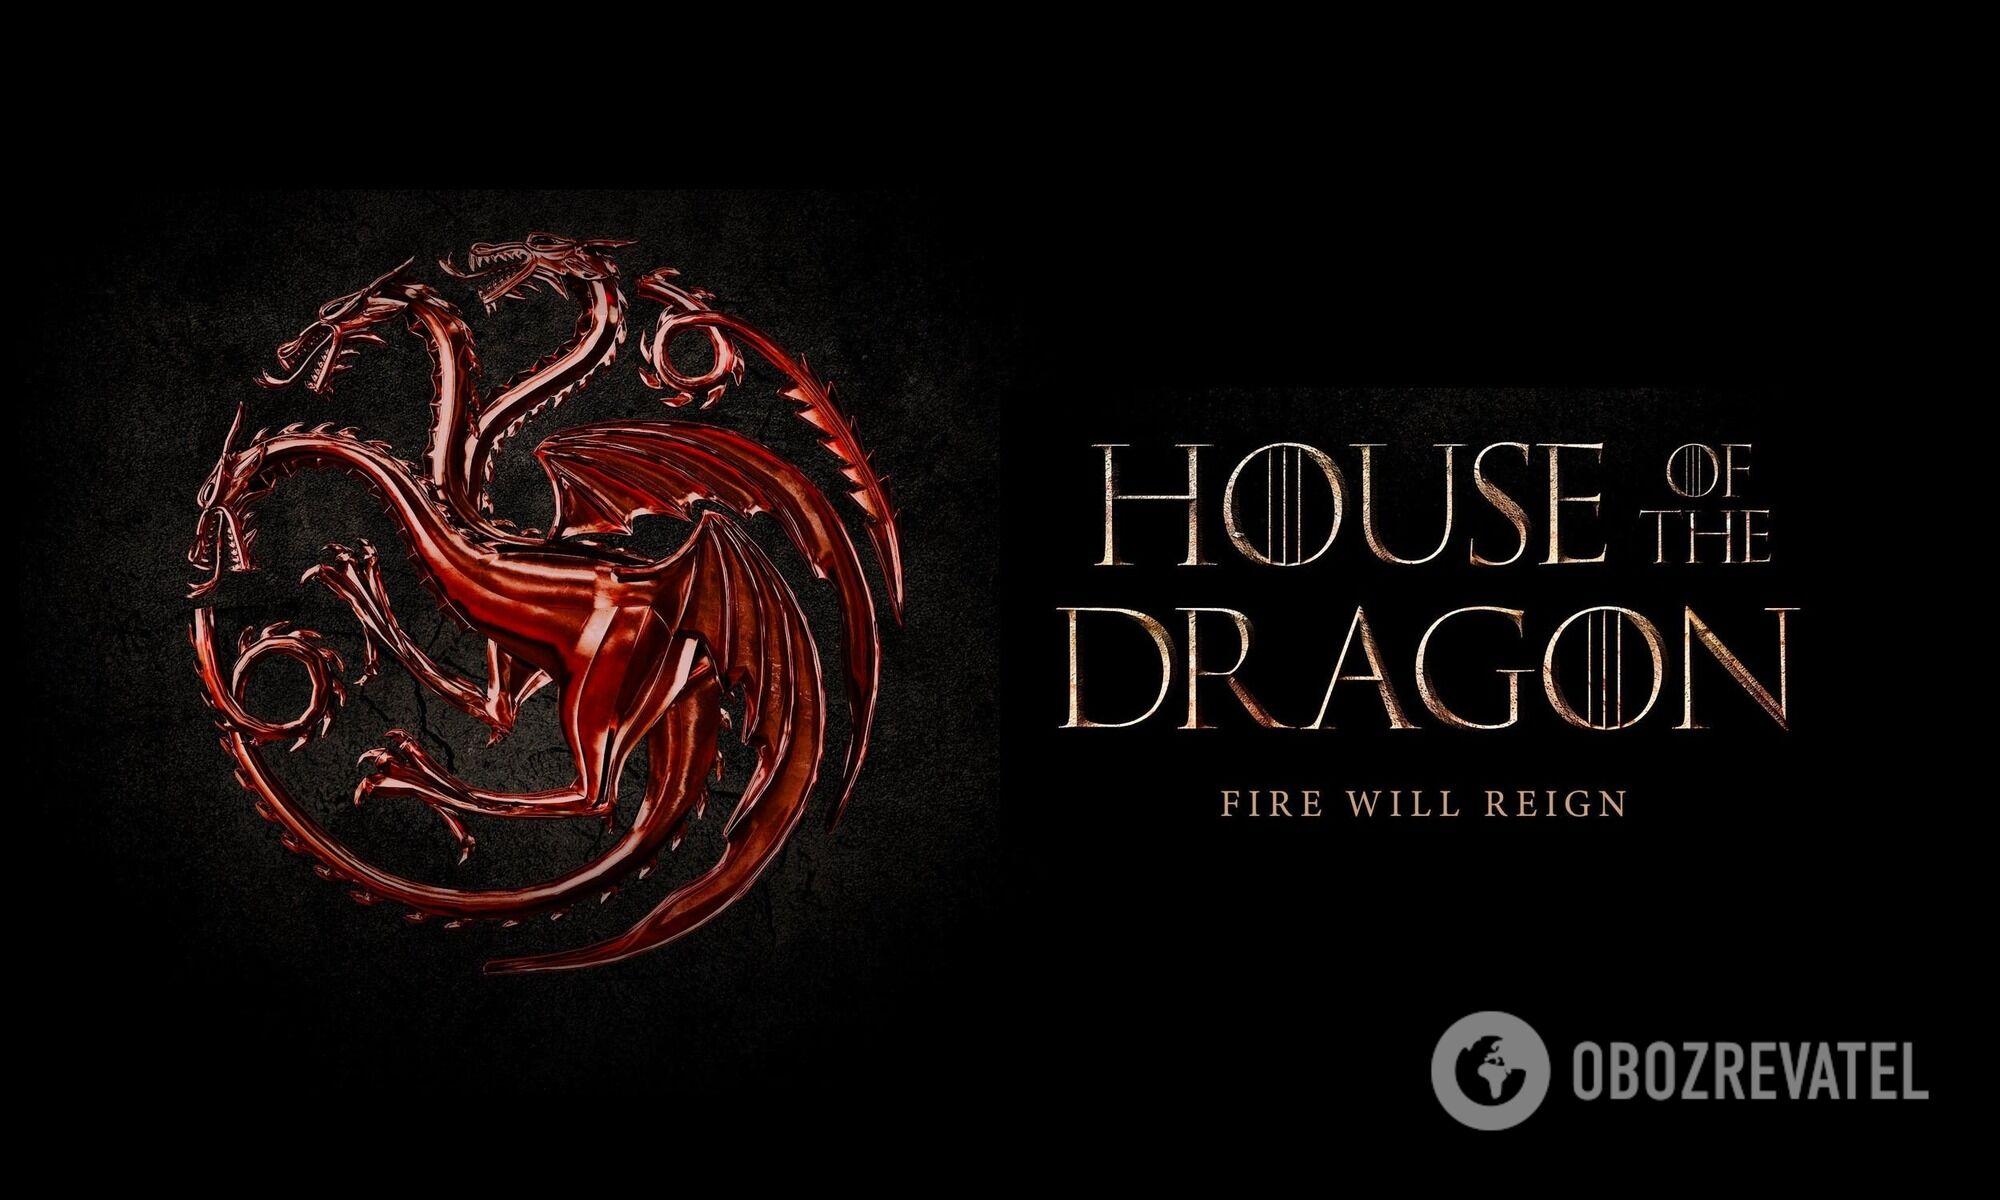 """Обкладинка серіалу """"Будинок драконів"""""""